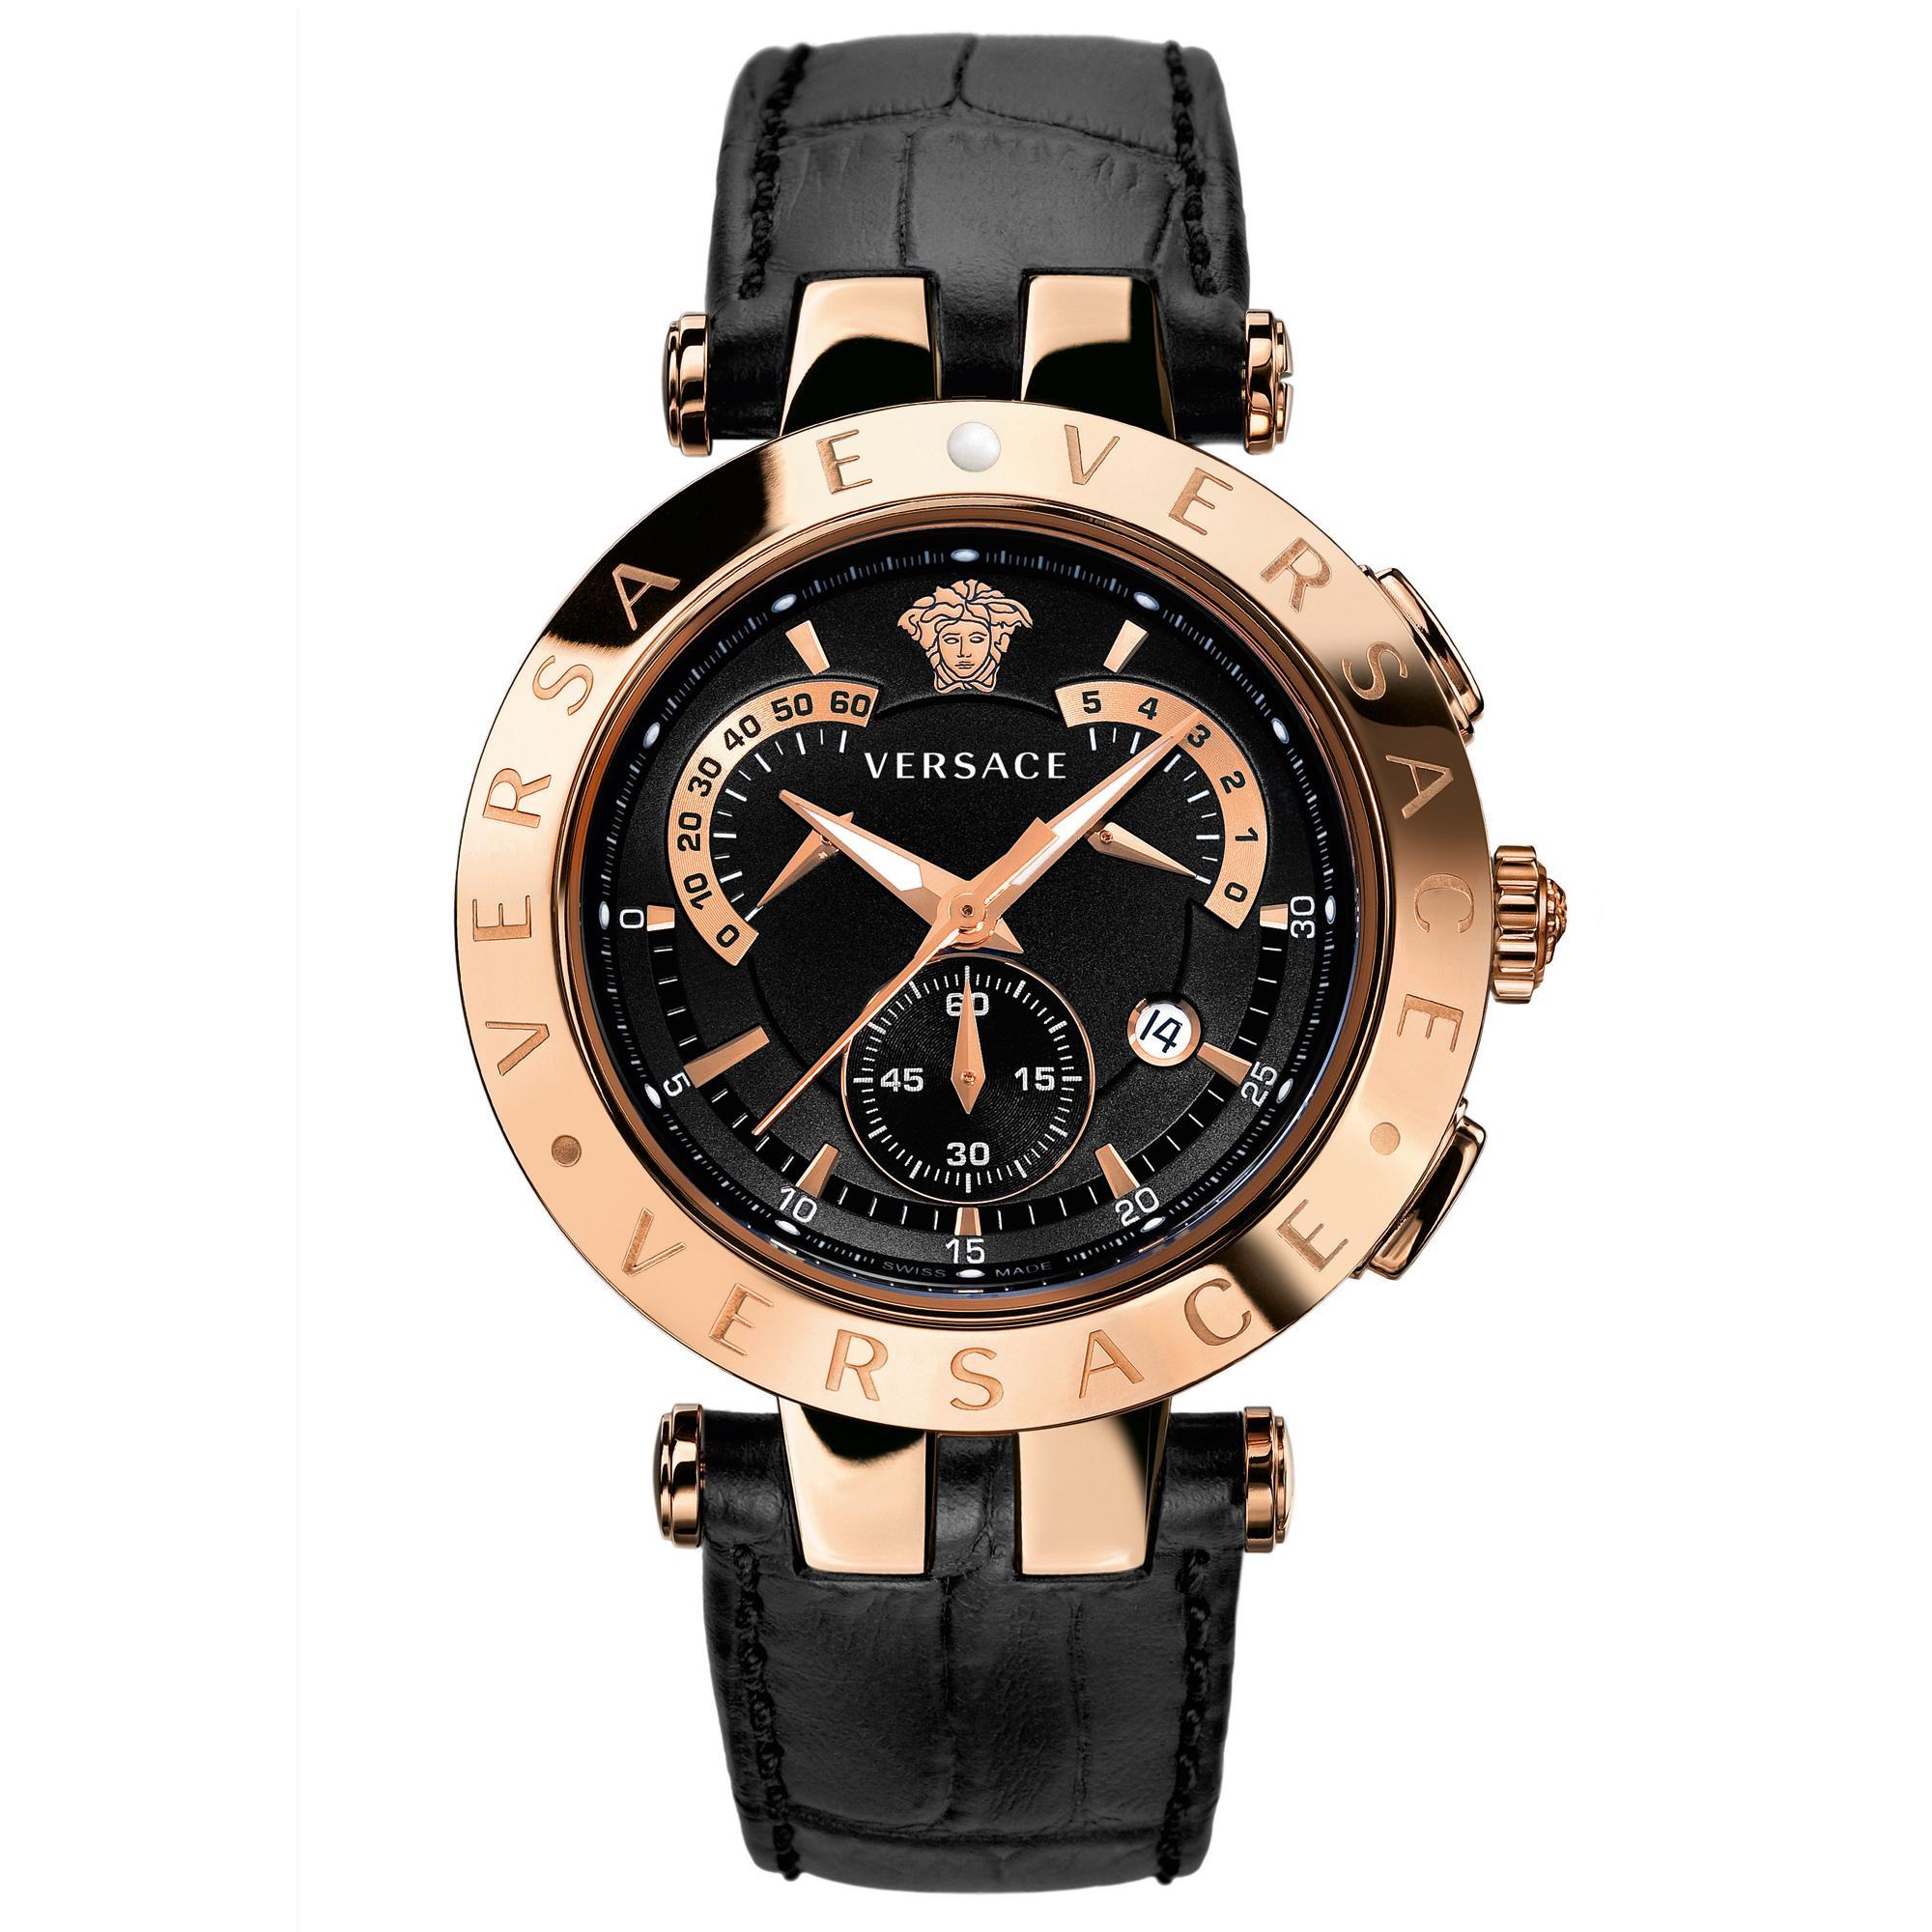 Acheter des bijoux et montres, Offre, Discount bijoux Outlet ... a4273ab6906